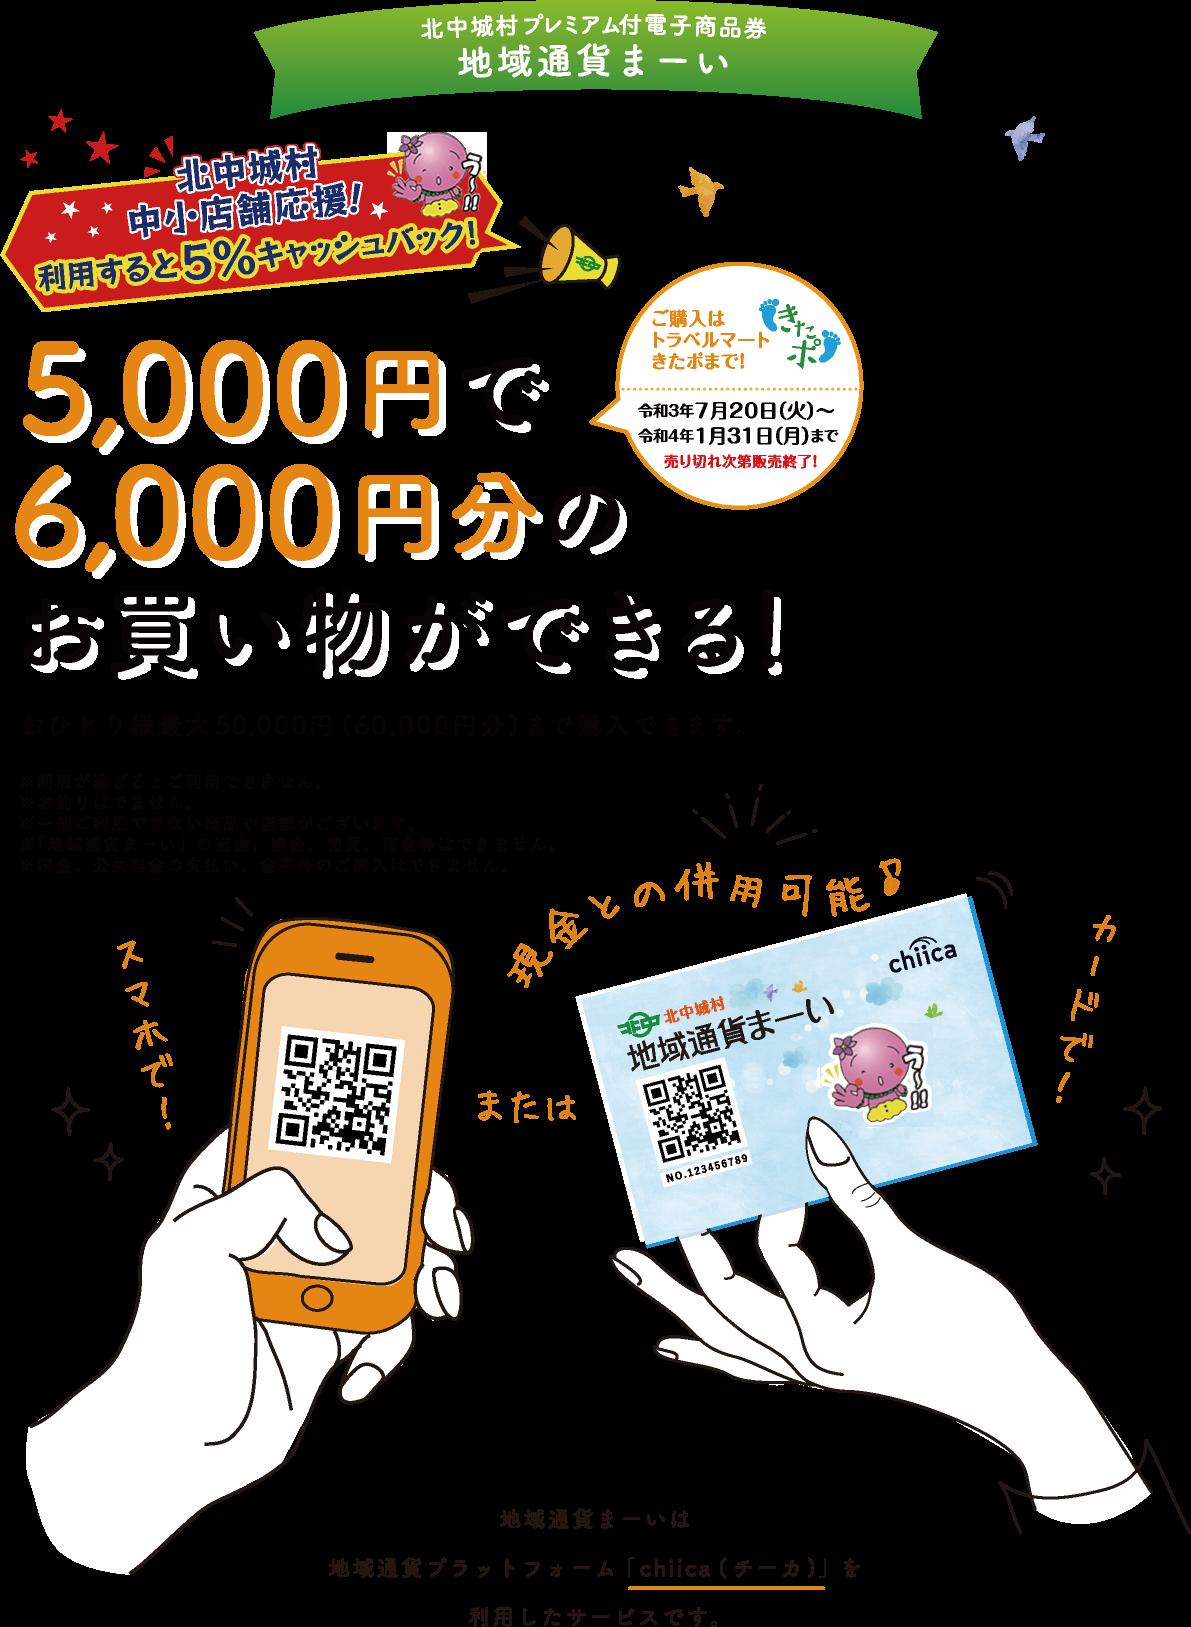 5000円で6000円分のお買い物ができる